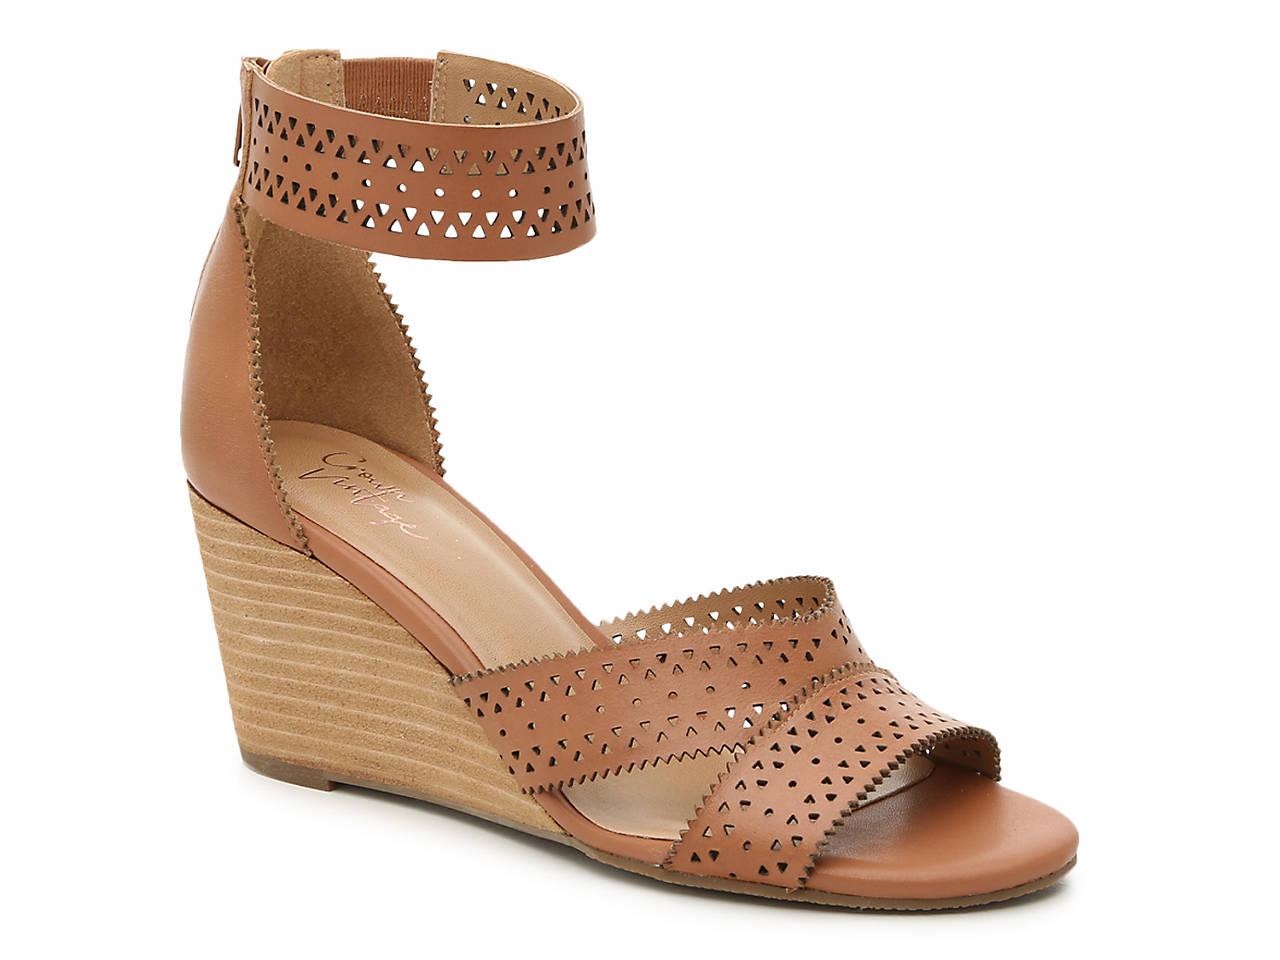 b56c290d59a Crown Vintage Carlie Wedge Sandal Women s Shoes